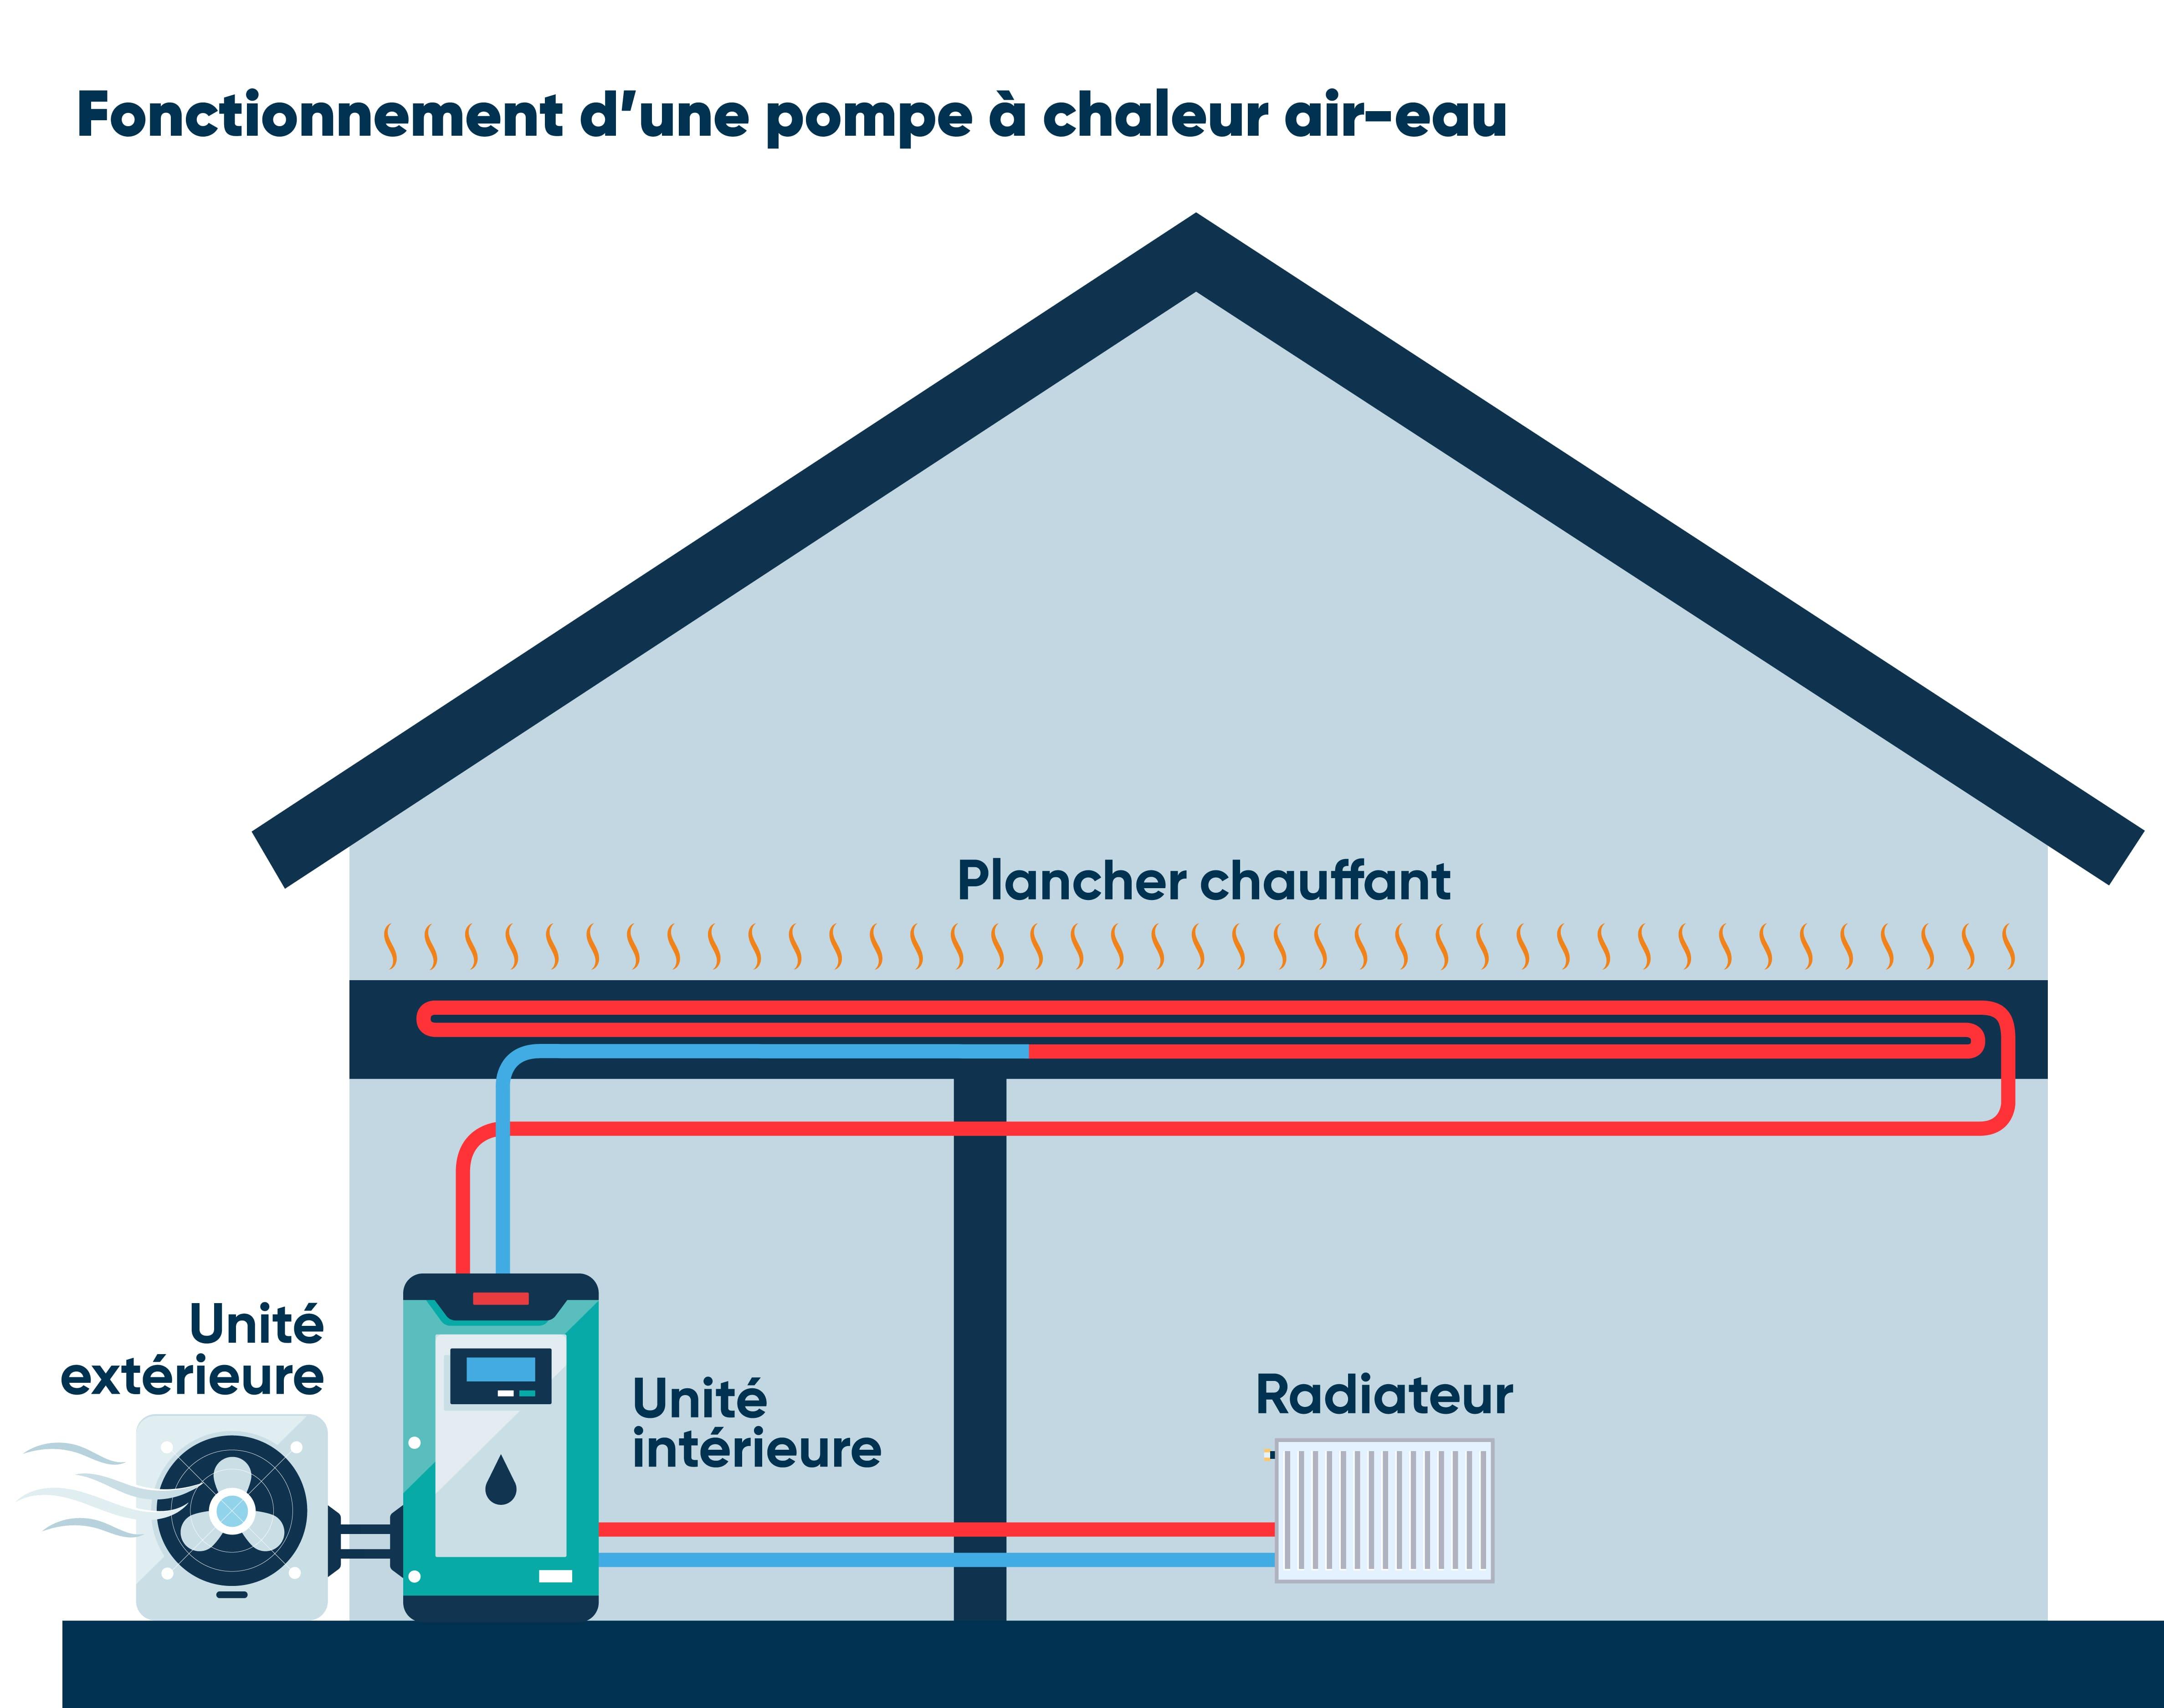 Fonctionnement PAC air-eau